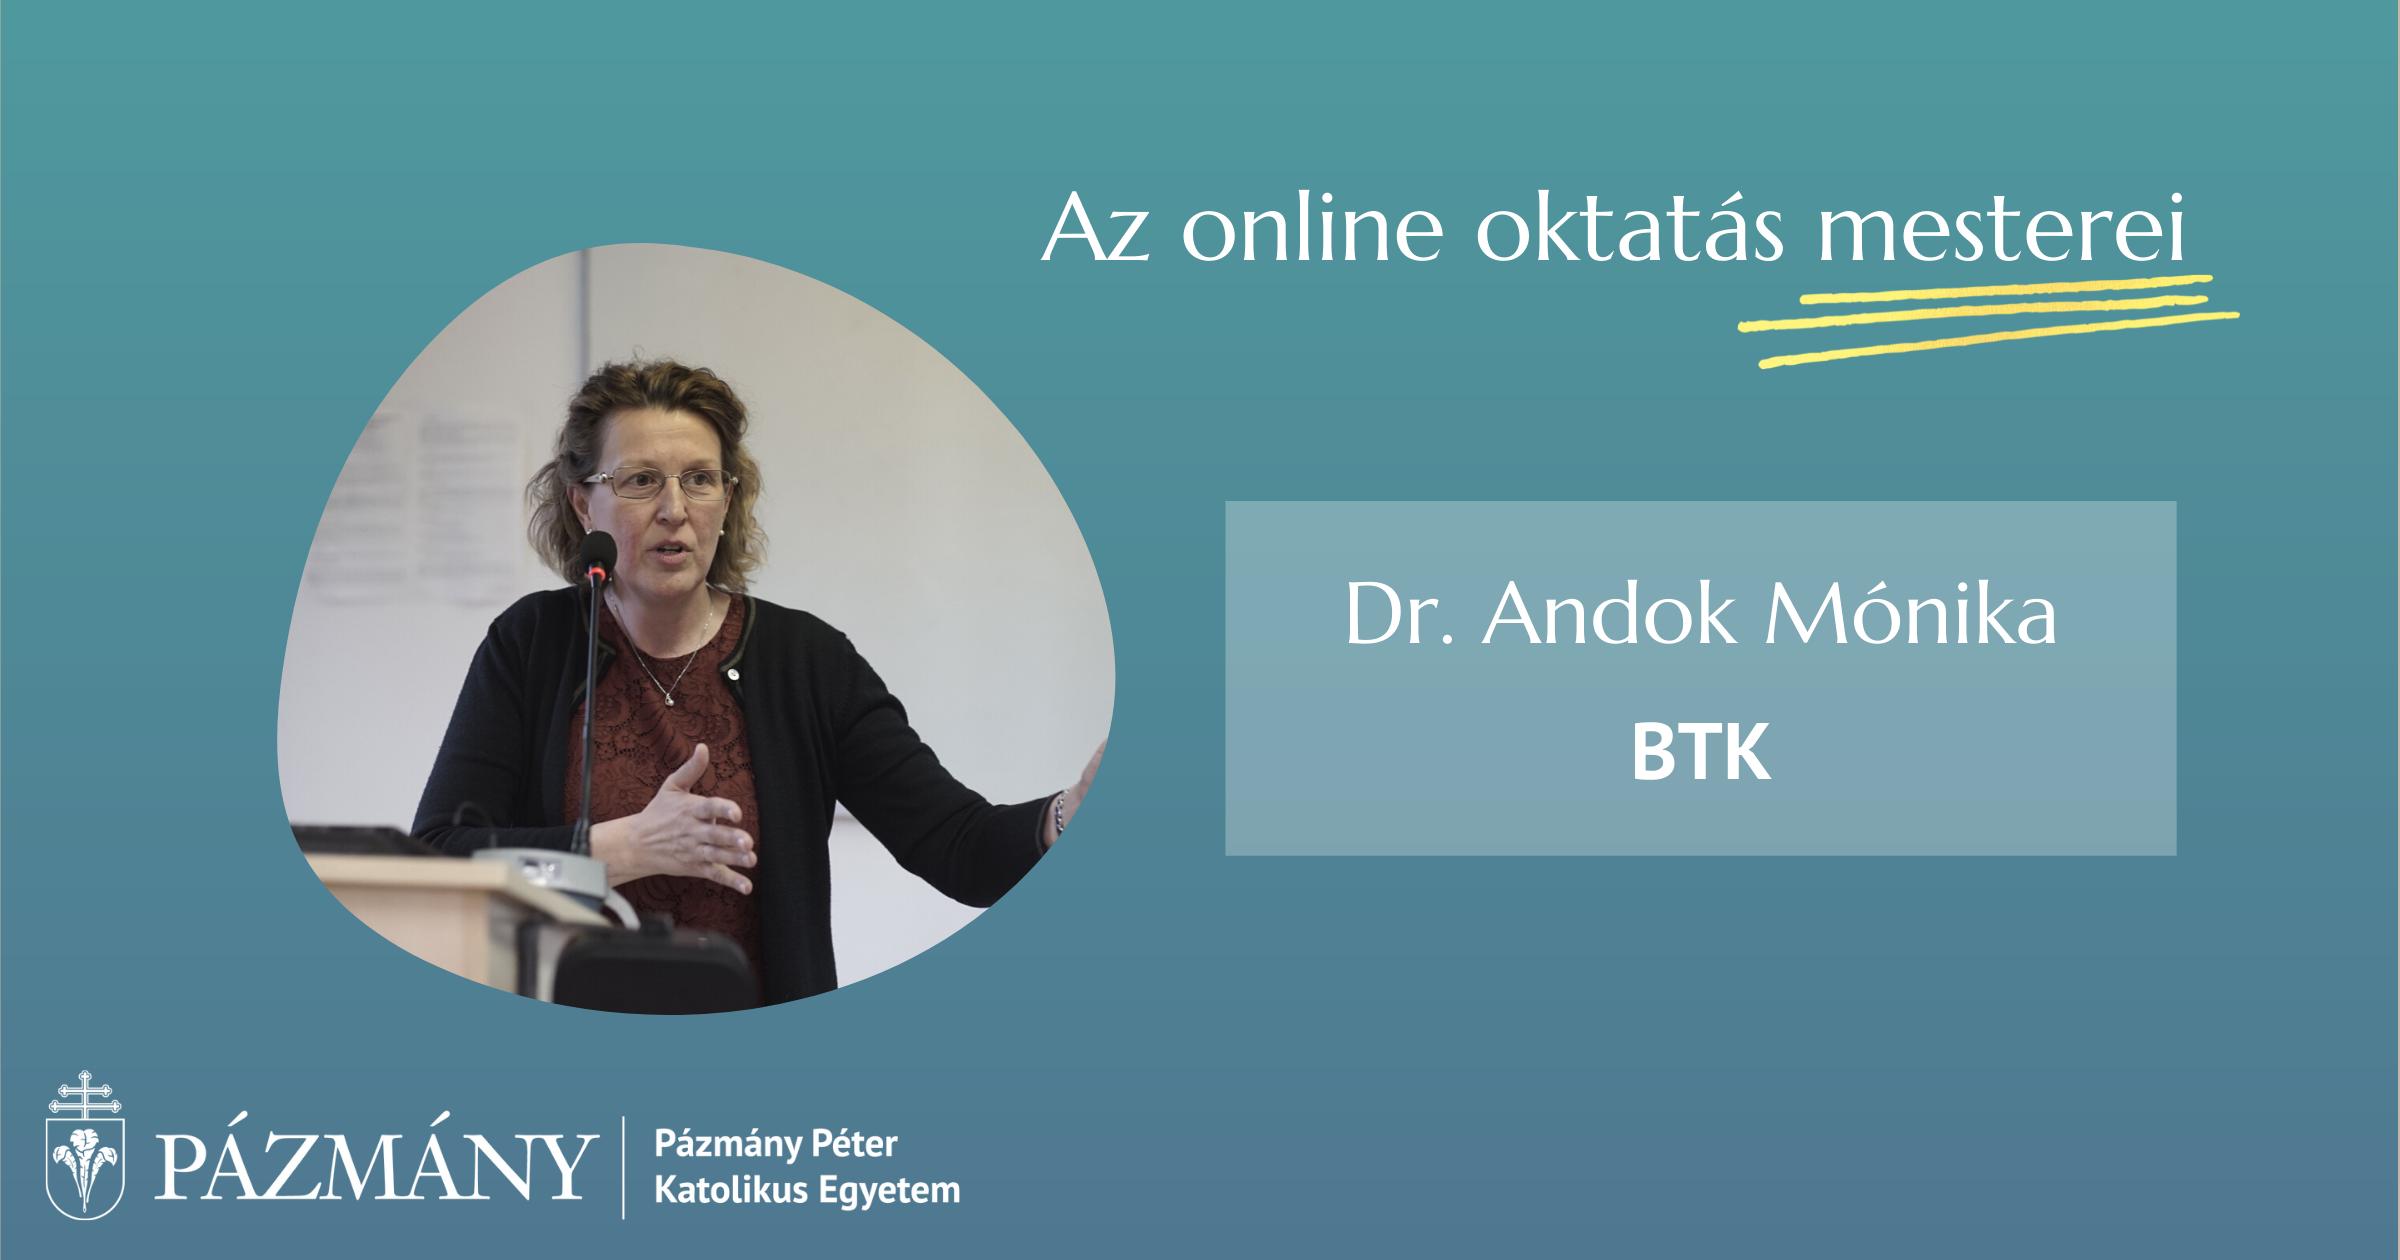 az_online_oktatas_mesterei_sablon_1.png